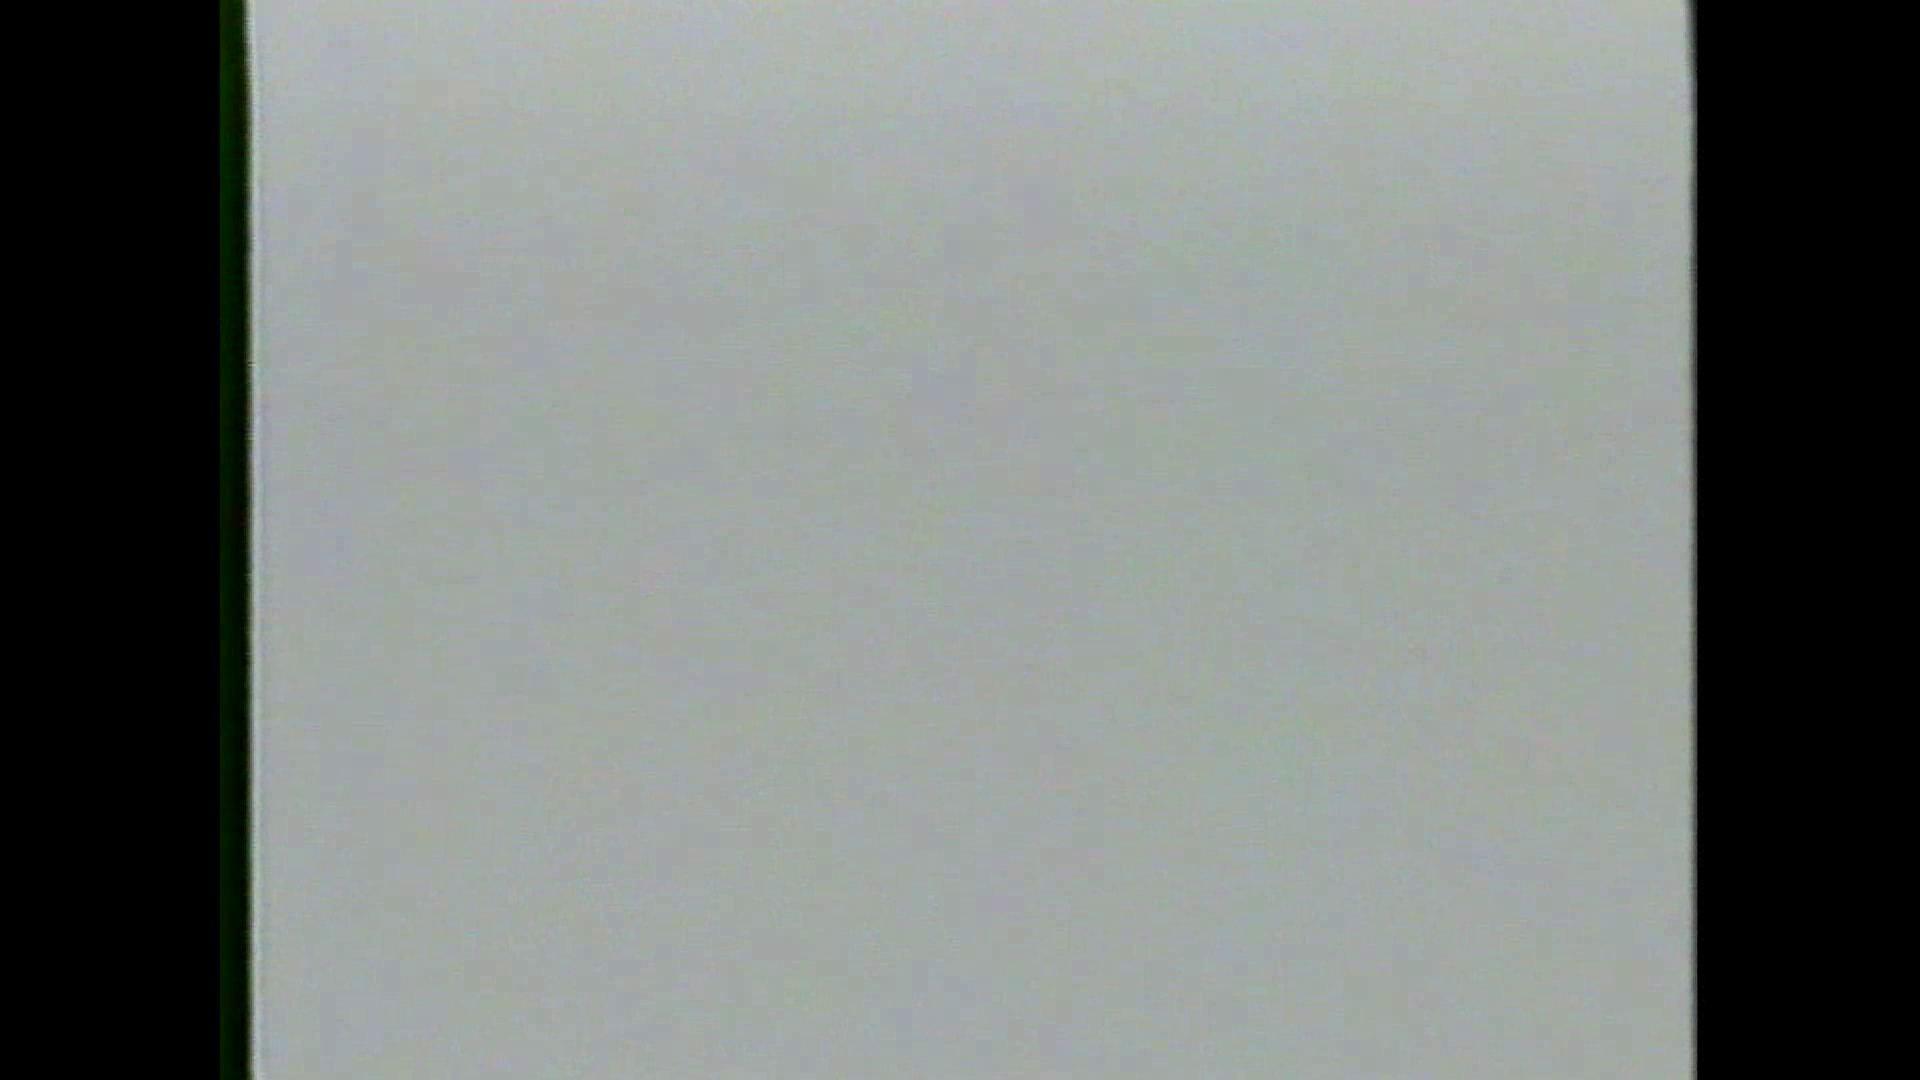 MADOKAさんのズリネタコレクションVol.12-1 ゲイマニア  95枚 72